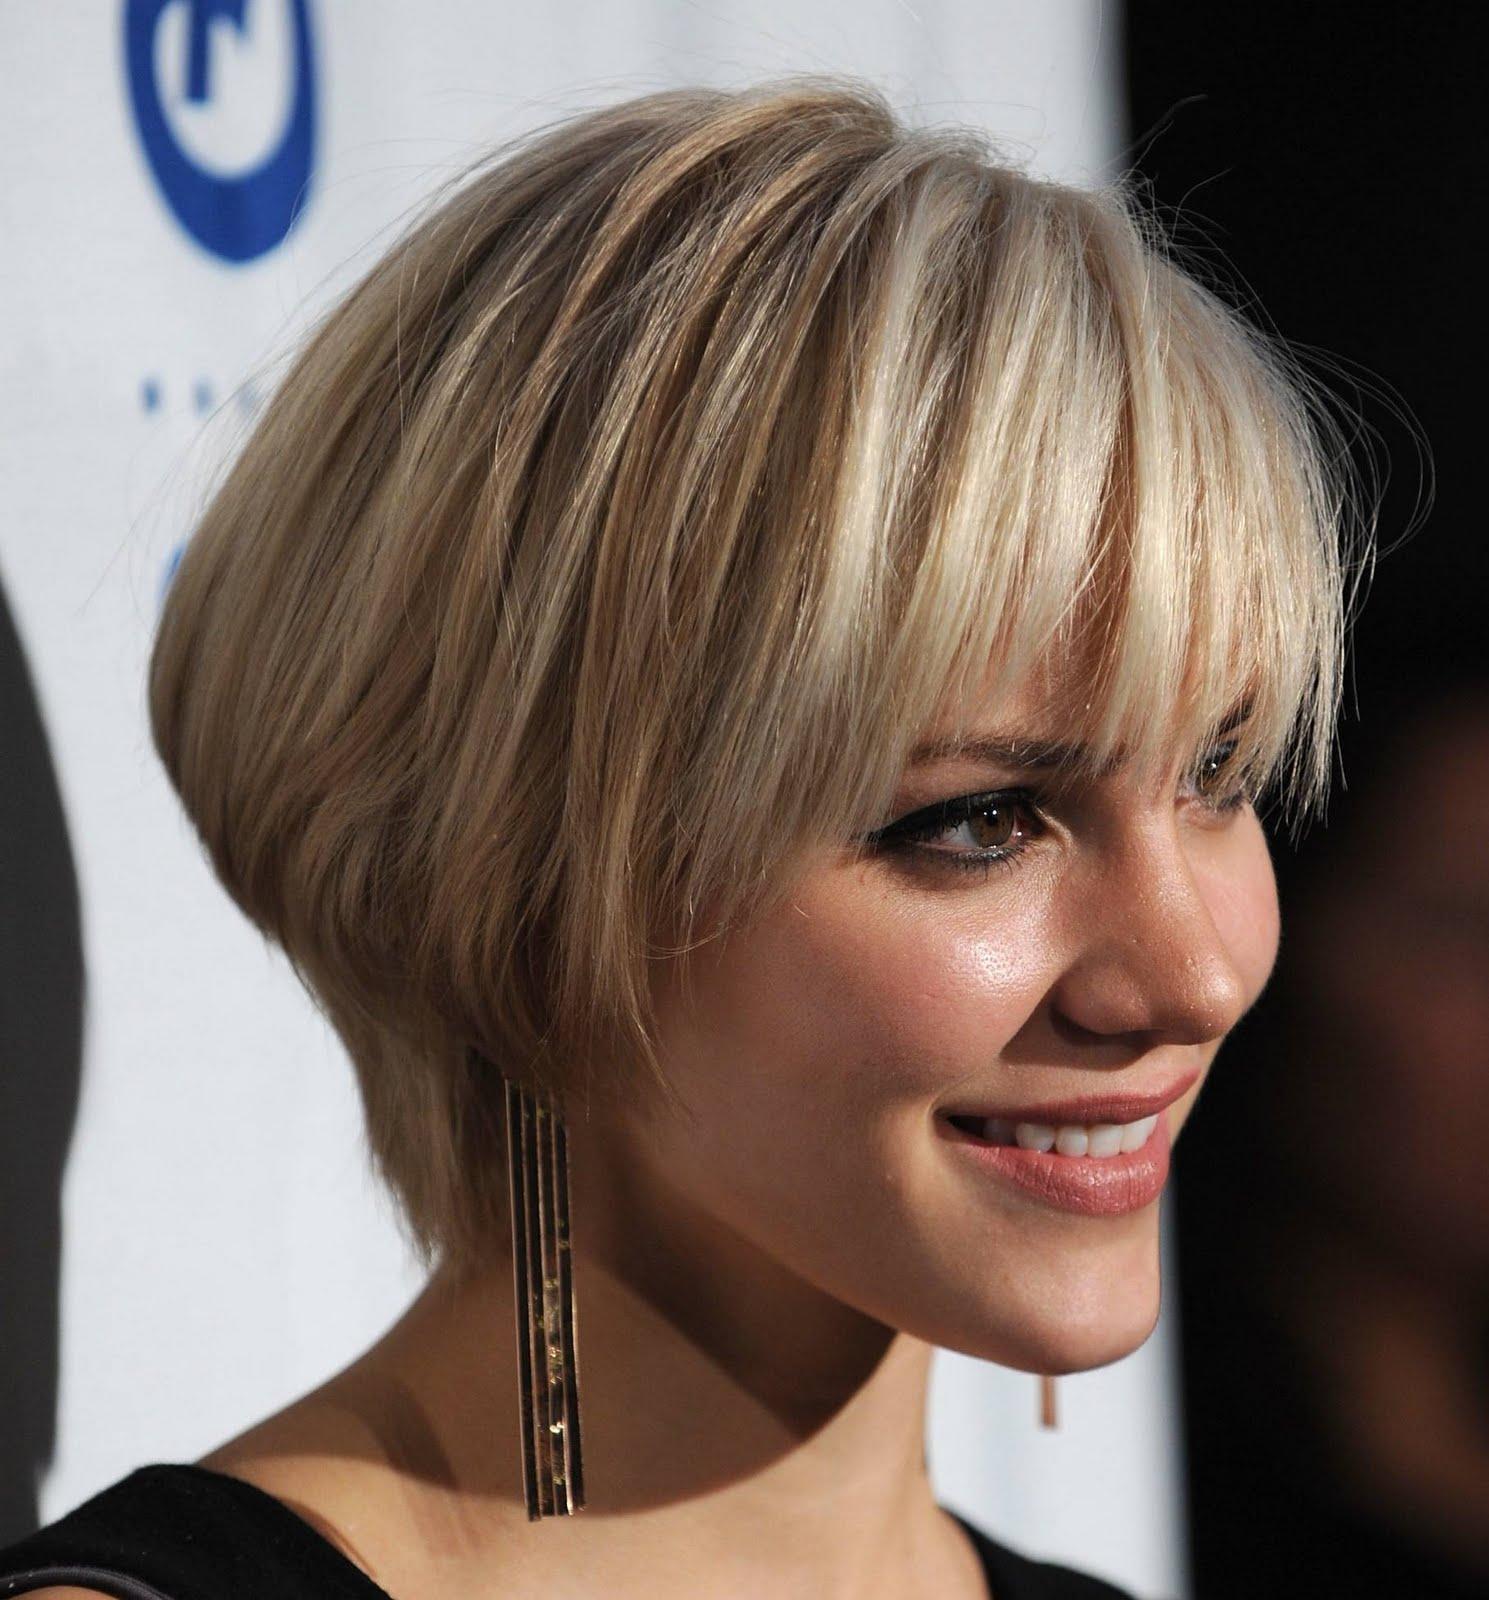 http://4.bp.blogspot.com/-pi5B3IVdurI/TiVlrpKjdLI/AAAAAAAADPc/x8GedqS7b0s/s1600/short-blonde-straight-bob-hairstyles-for-prom-2011-3.jpg